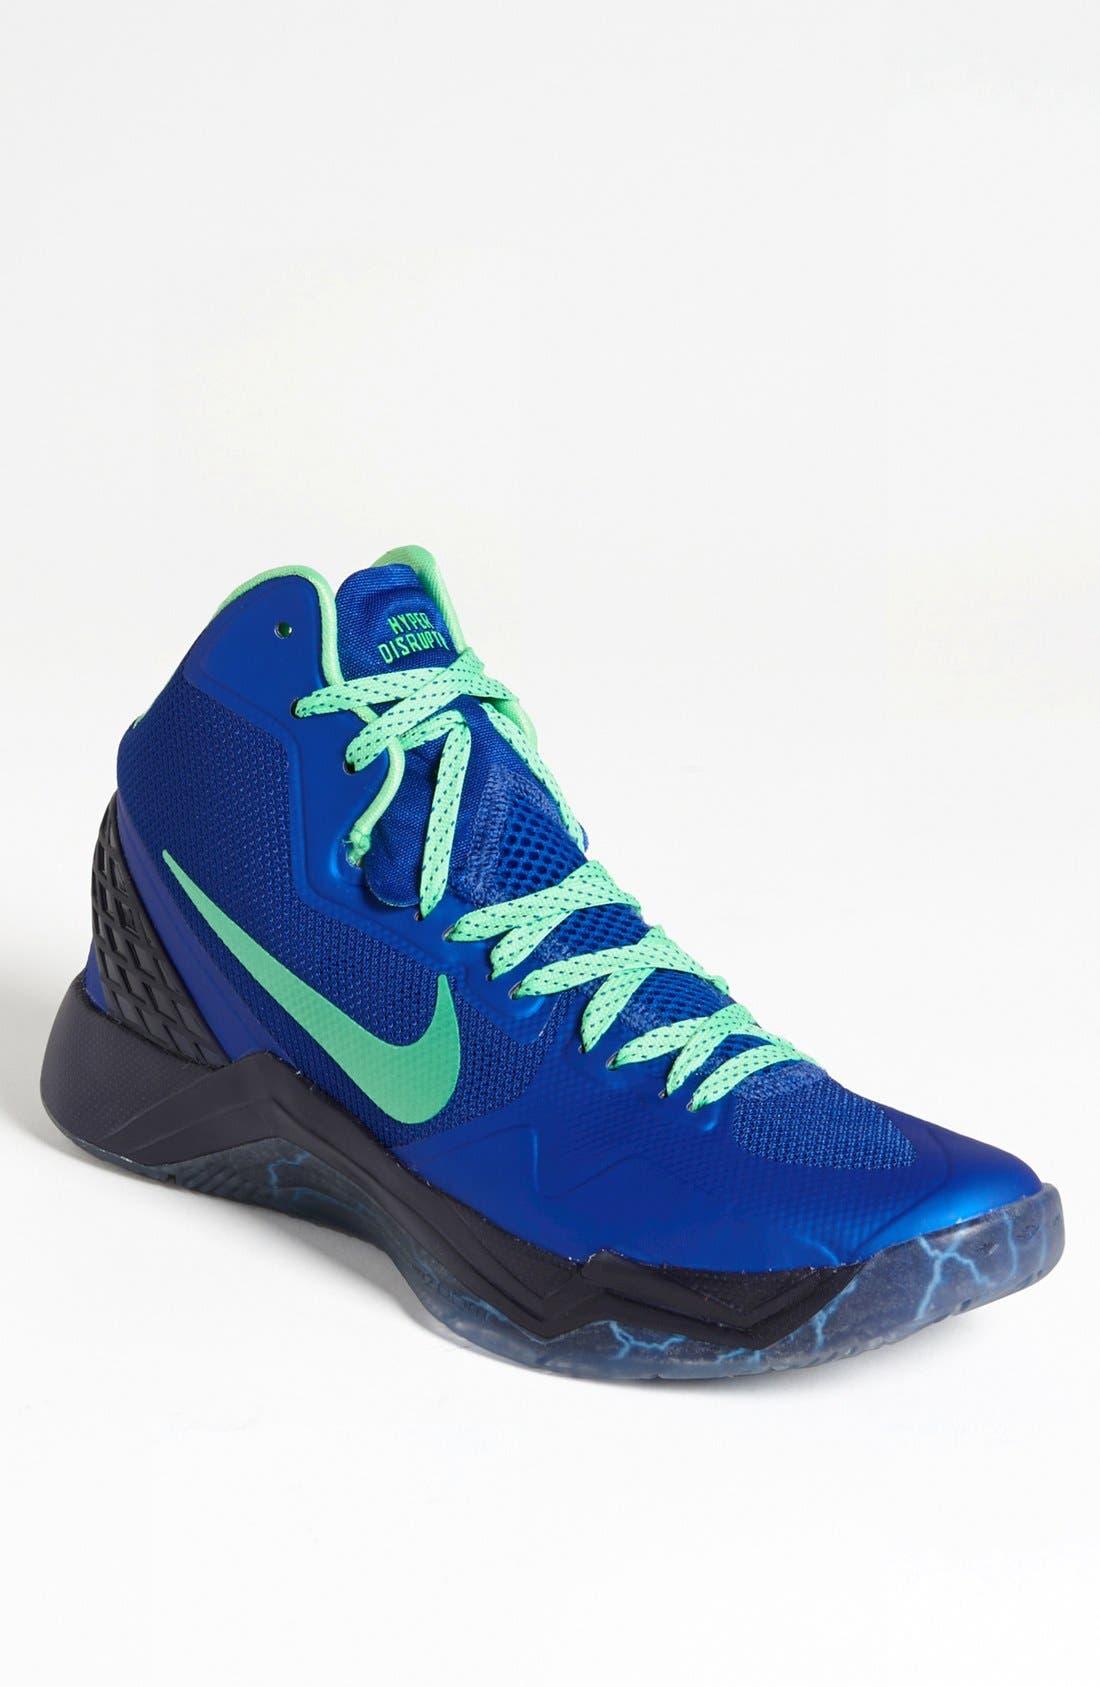 Main Image - Nike 'Zoom Hyperdisruptor' Basketball Shoe (Men)